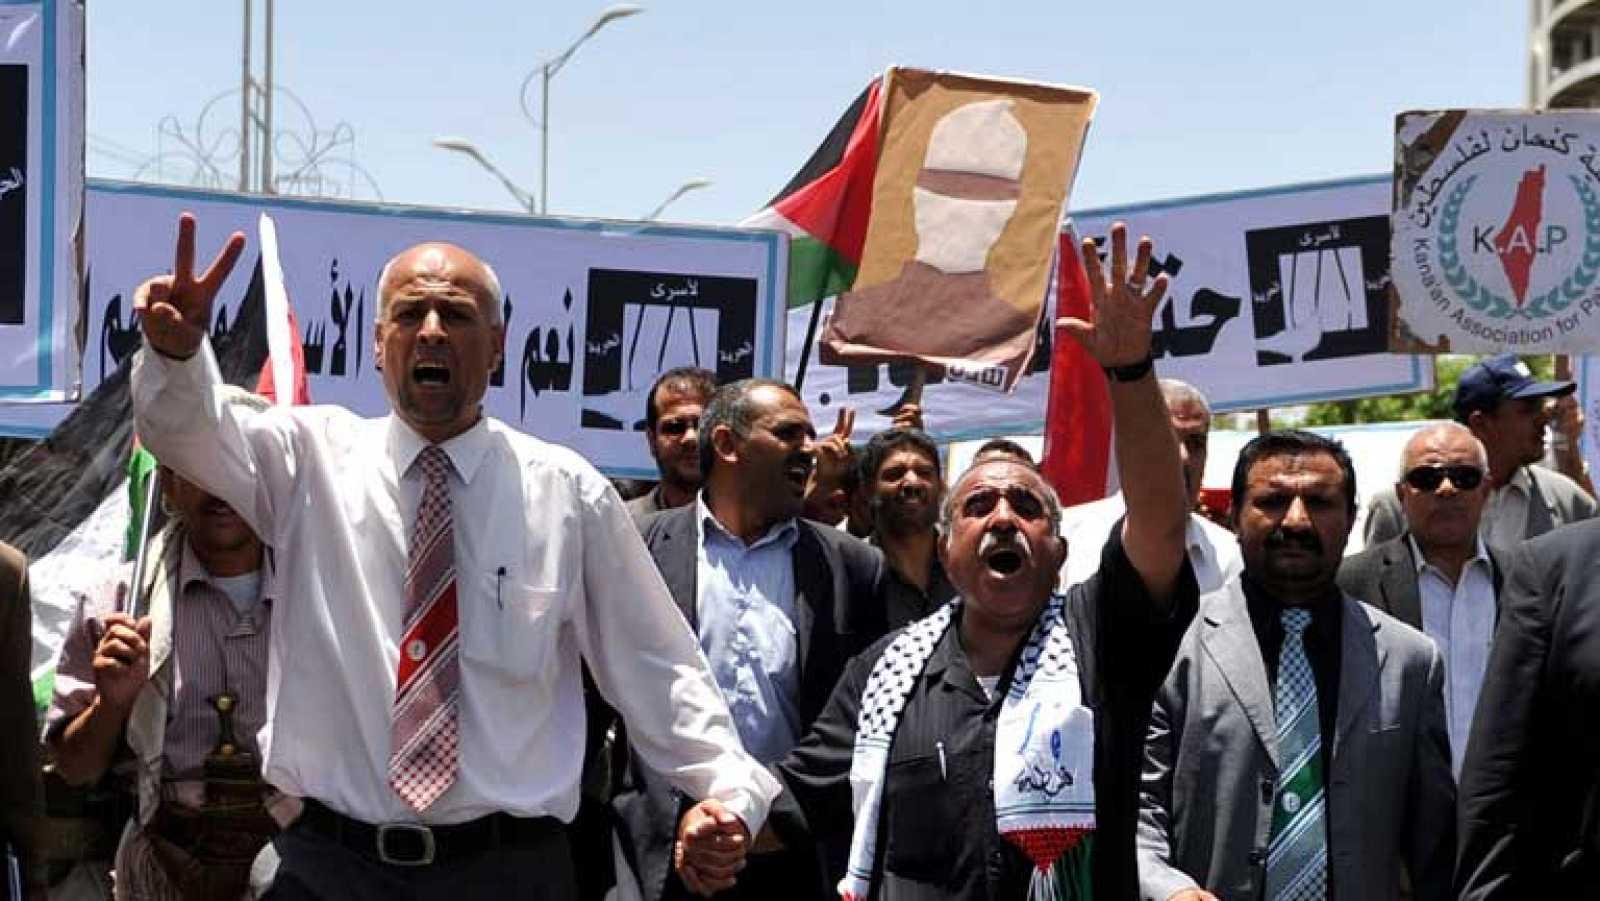 Los palestinos conmemoran su éxodo tras la creación del estado de Israel